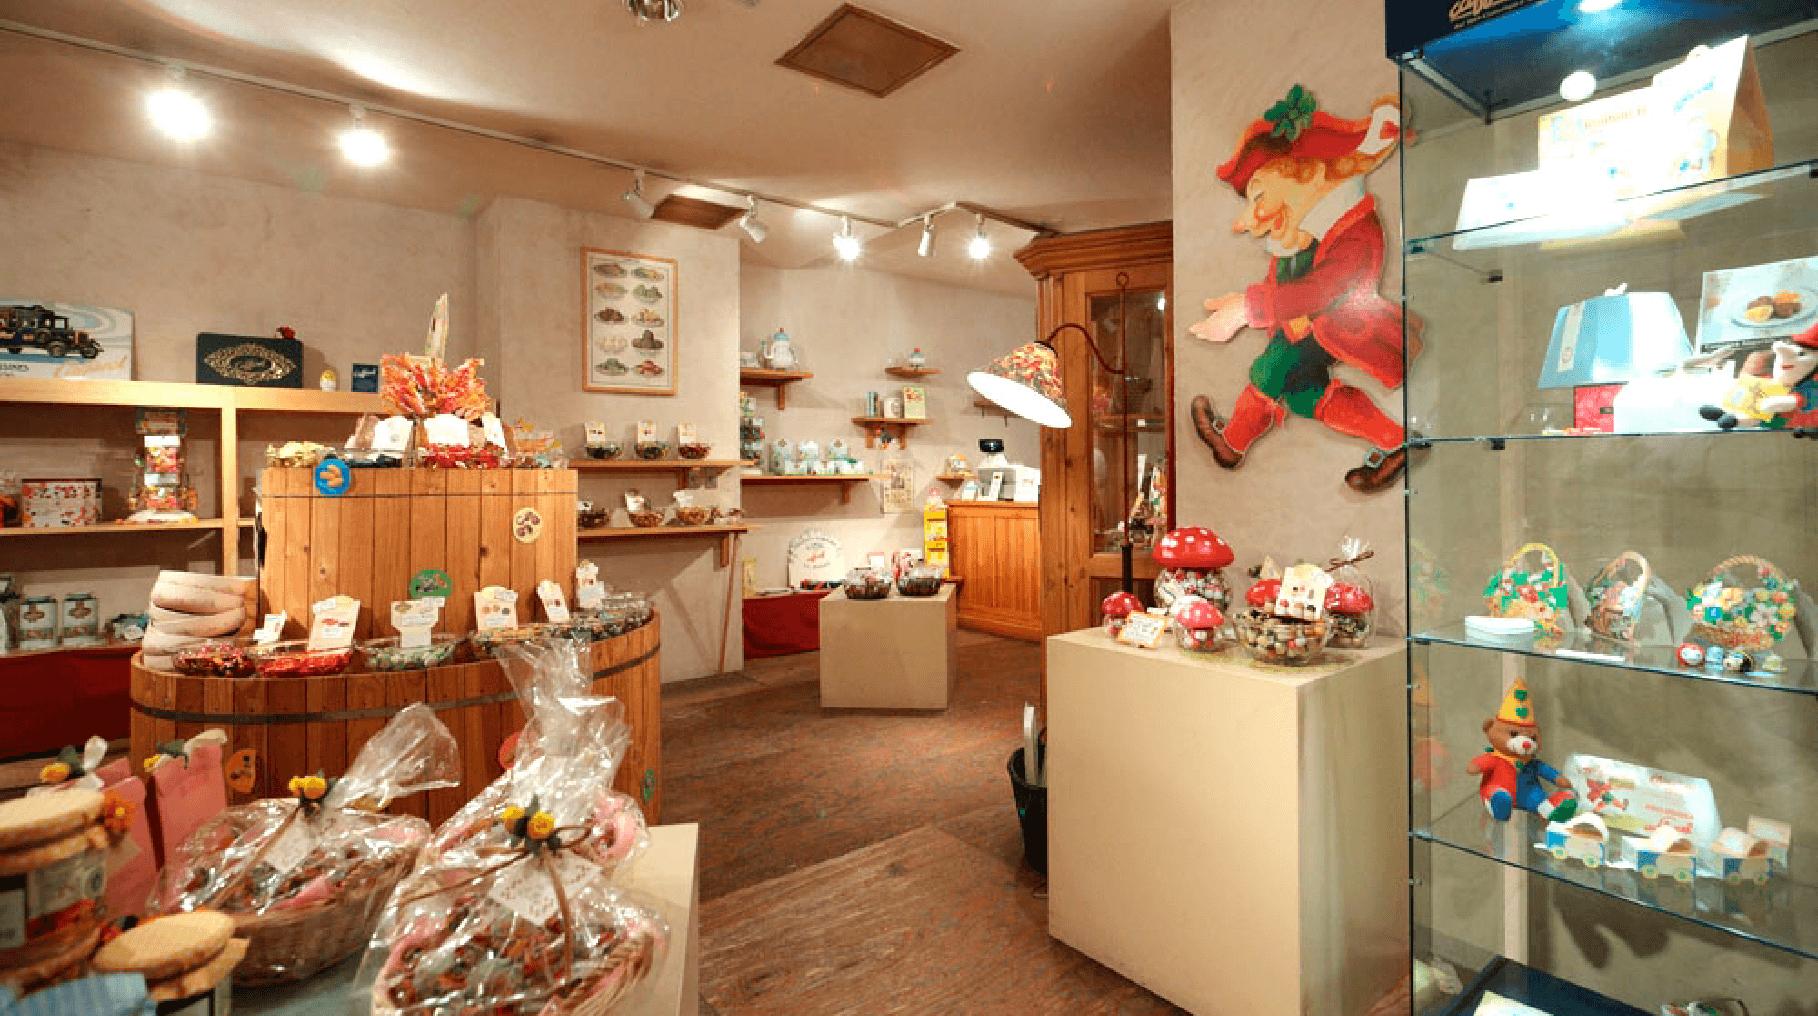 落ち着いた隠れ家のような店内では一粒から選べるイタリアトリノのチョコレートが豊富。